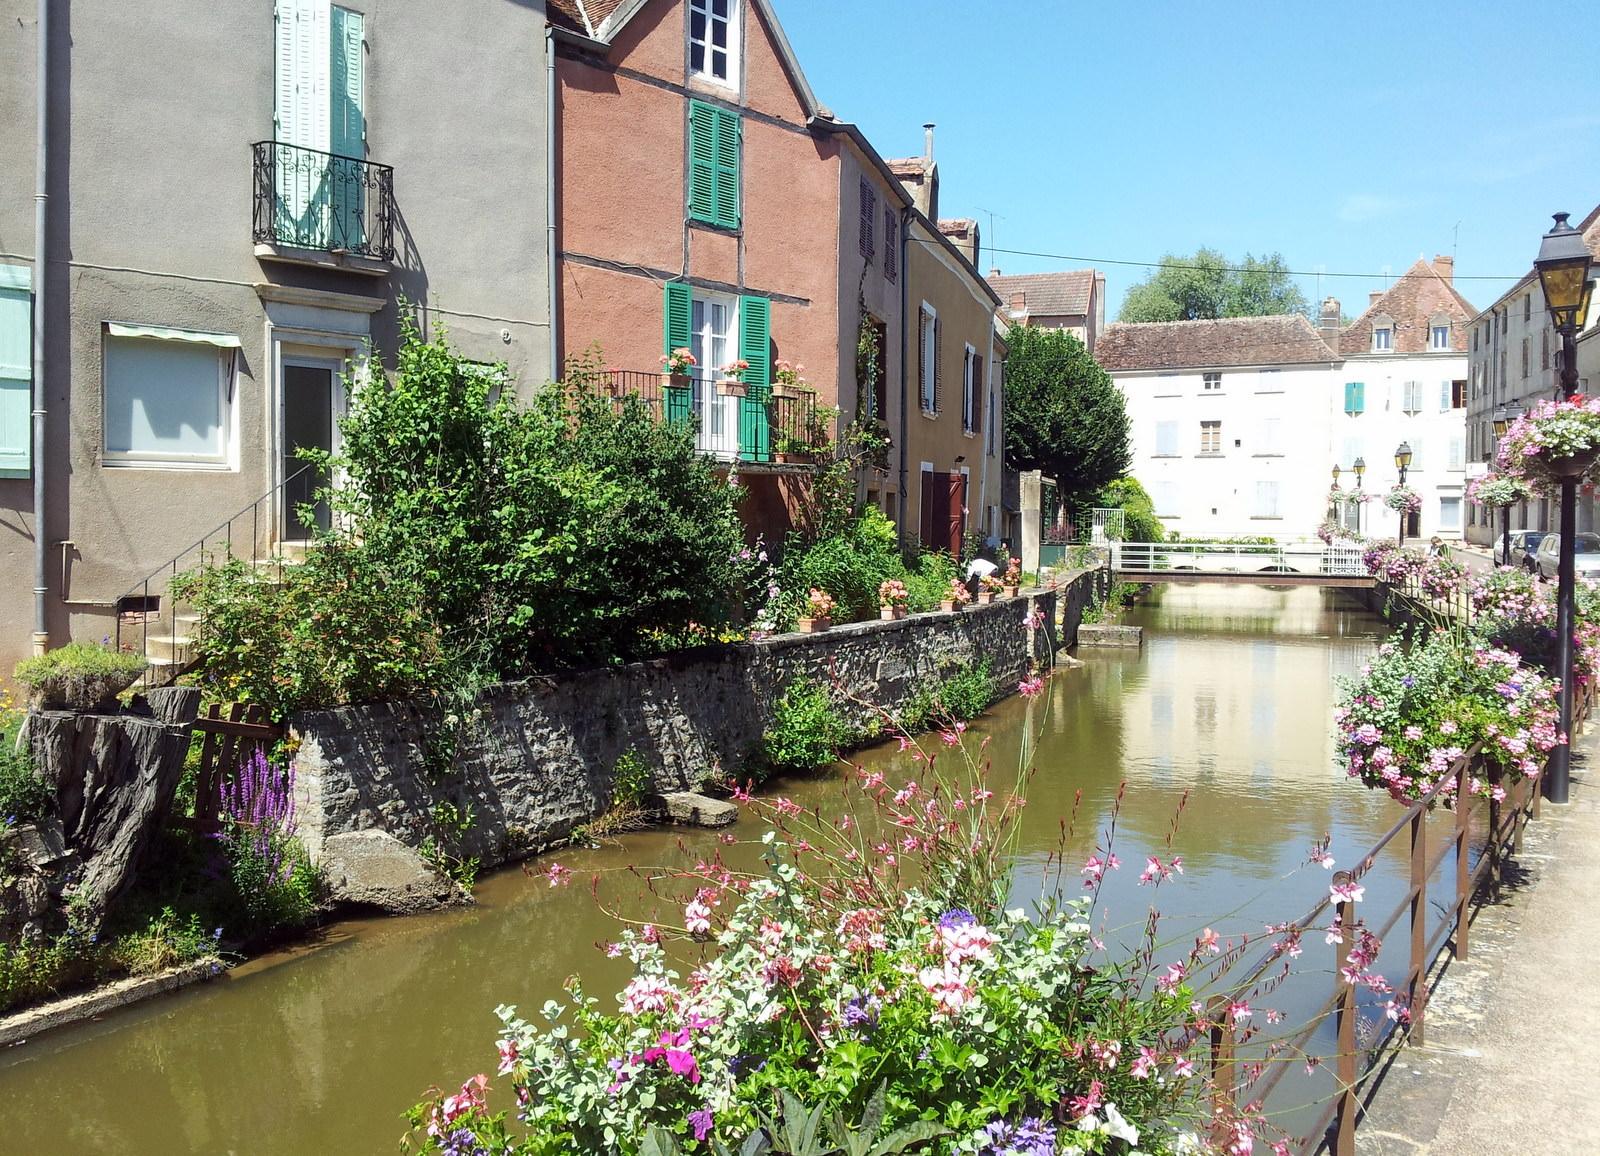 Kanal in der Altstadt von Charolles